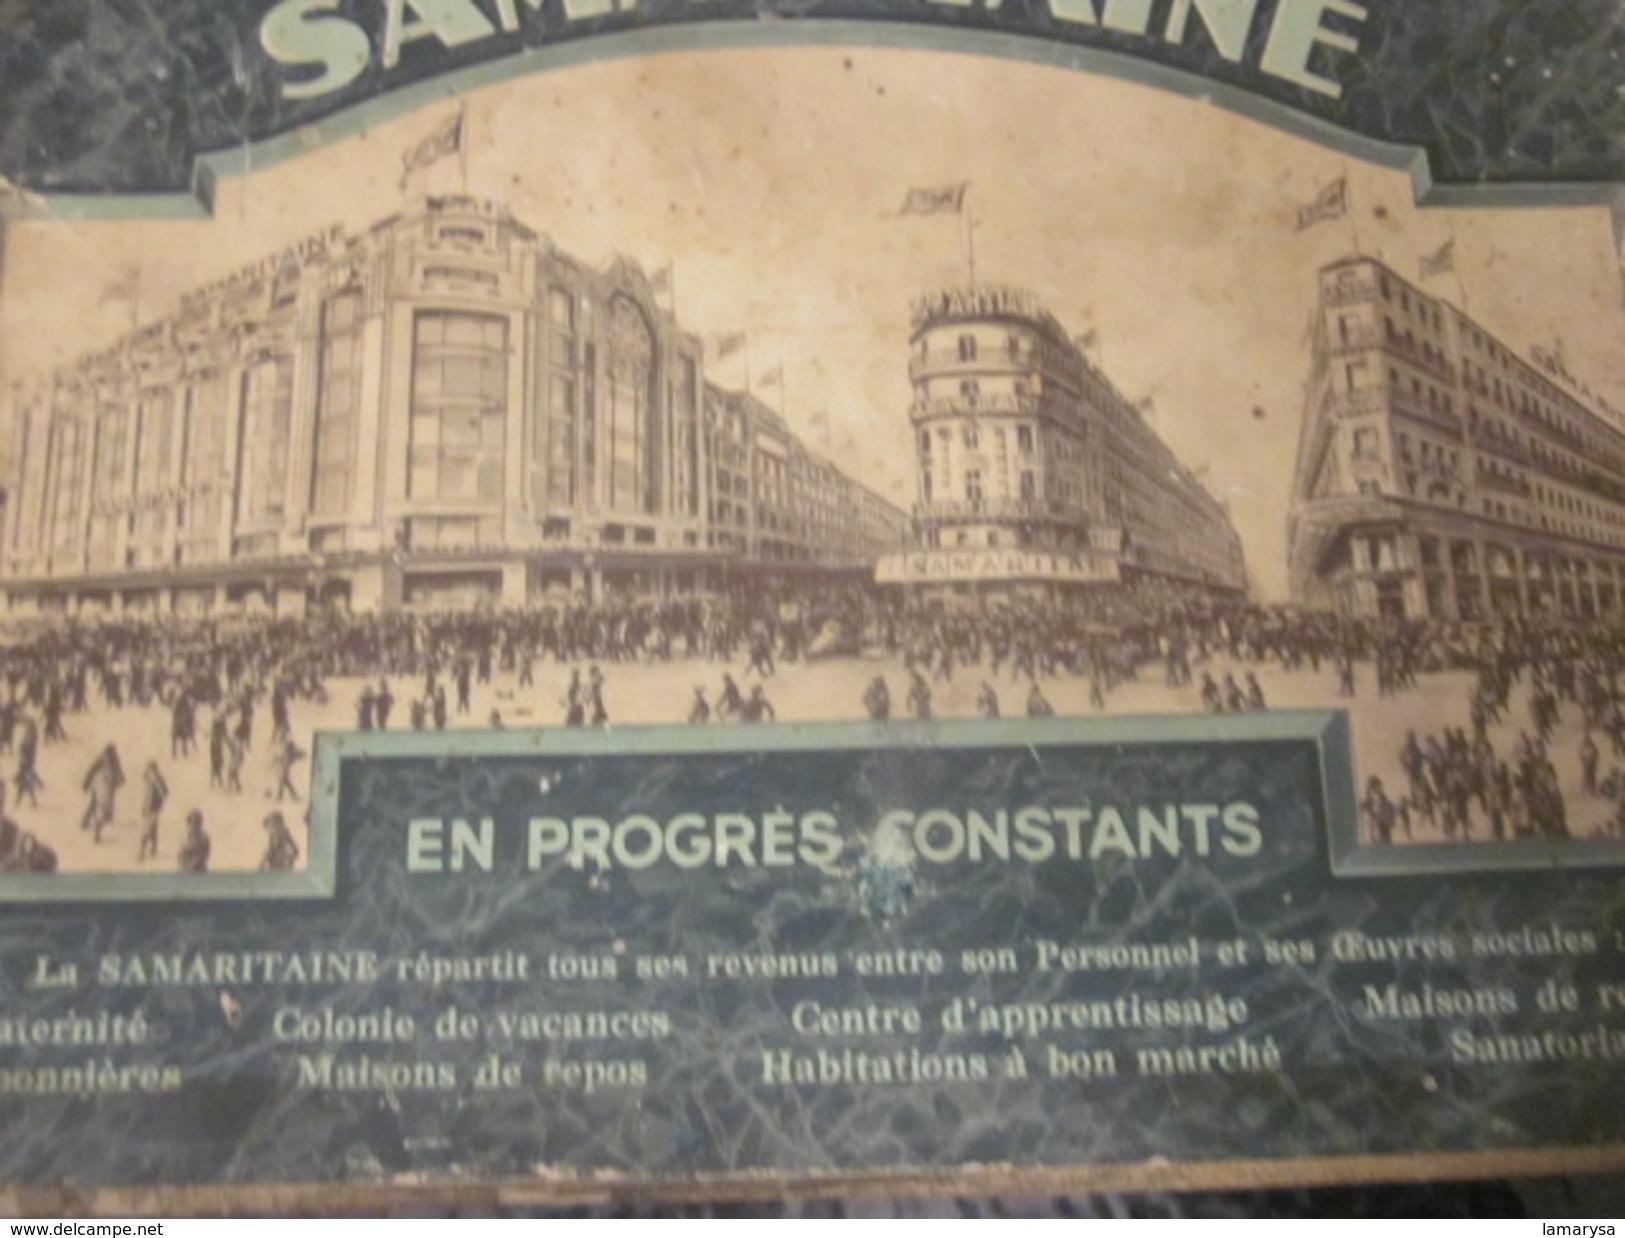 Publicité Originale RV Affichette Effigies 2 Créateurs & Magasin SAMARITAINE En 1889 Sur Support Plaque Carton D'époque - Plaques Publicitaires